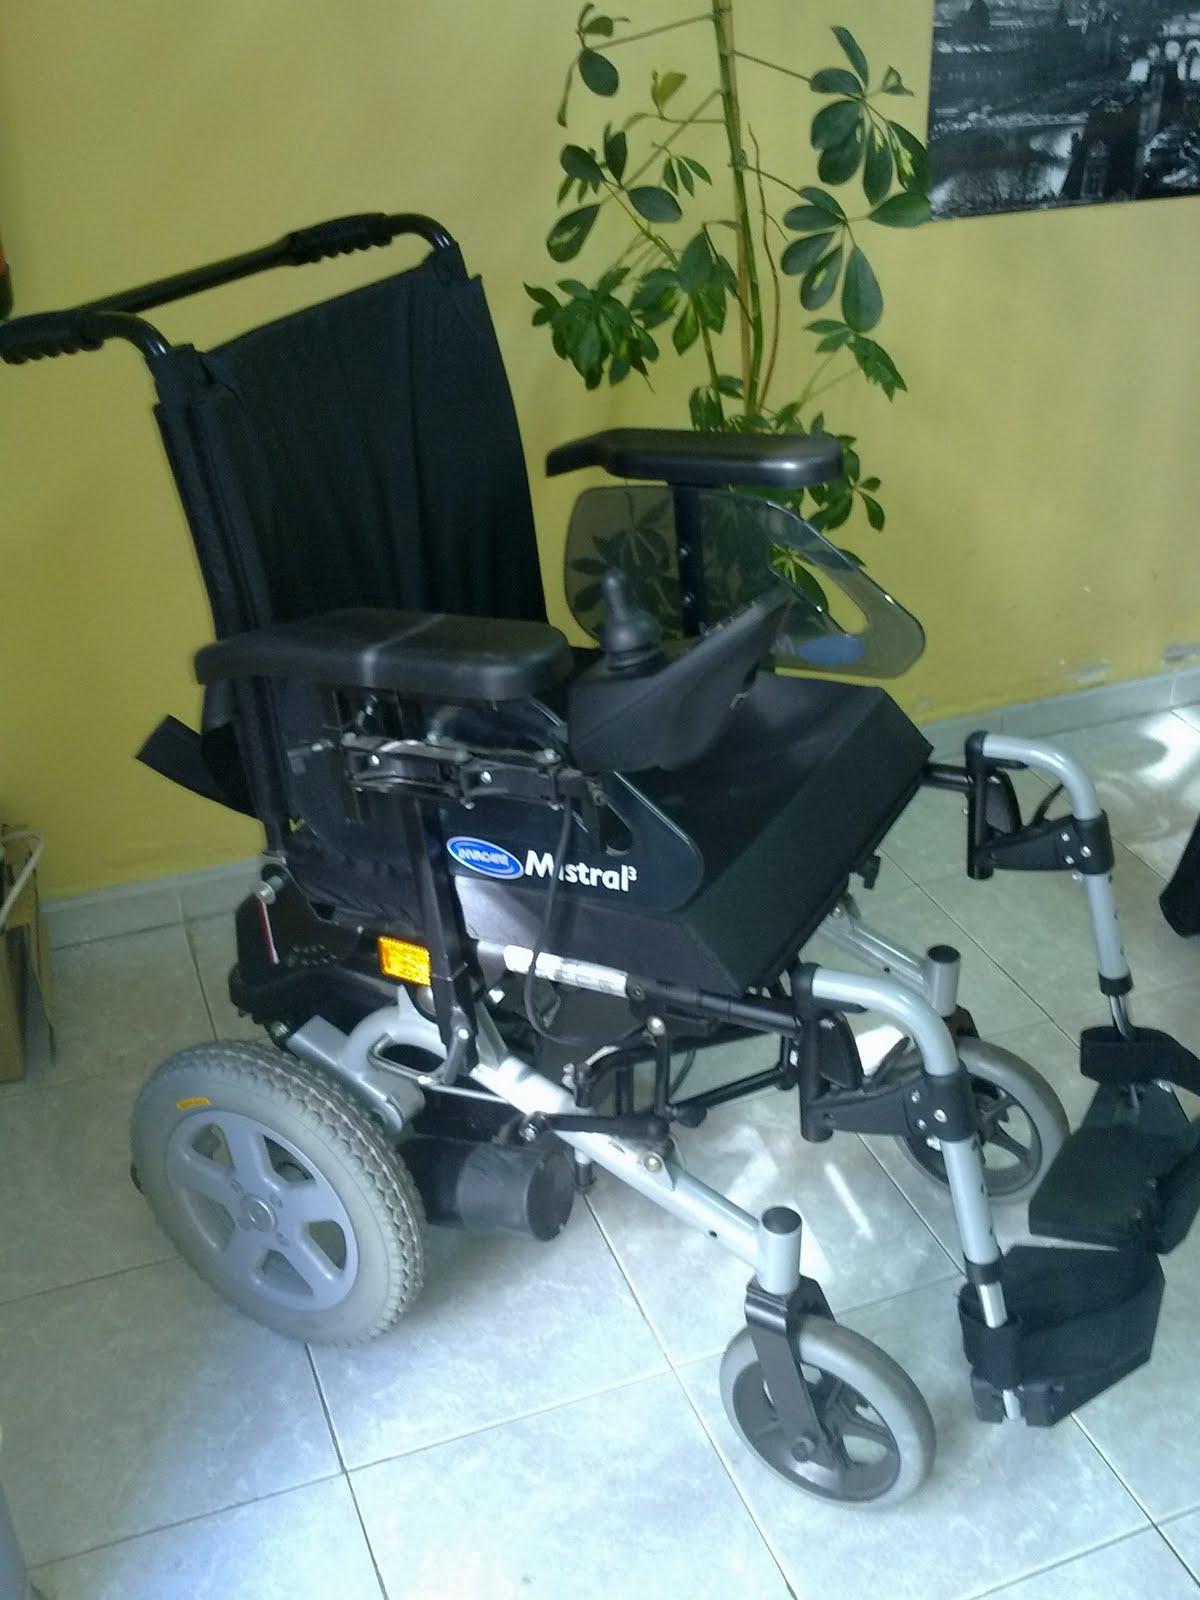 Os anxos se vende silla de ruedas el ctrica segunda mano a coru a - Sillas de rueda de segunda mano ...